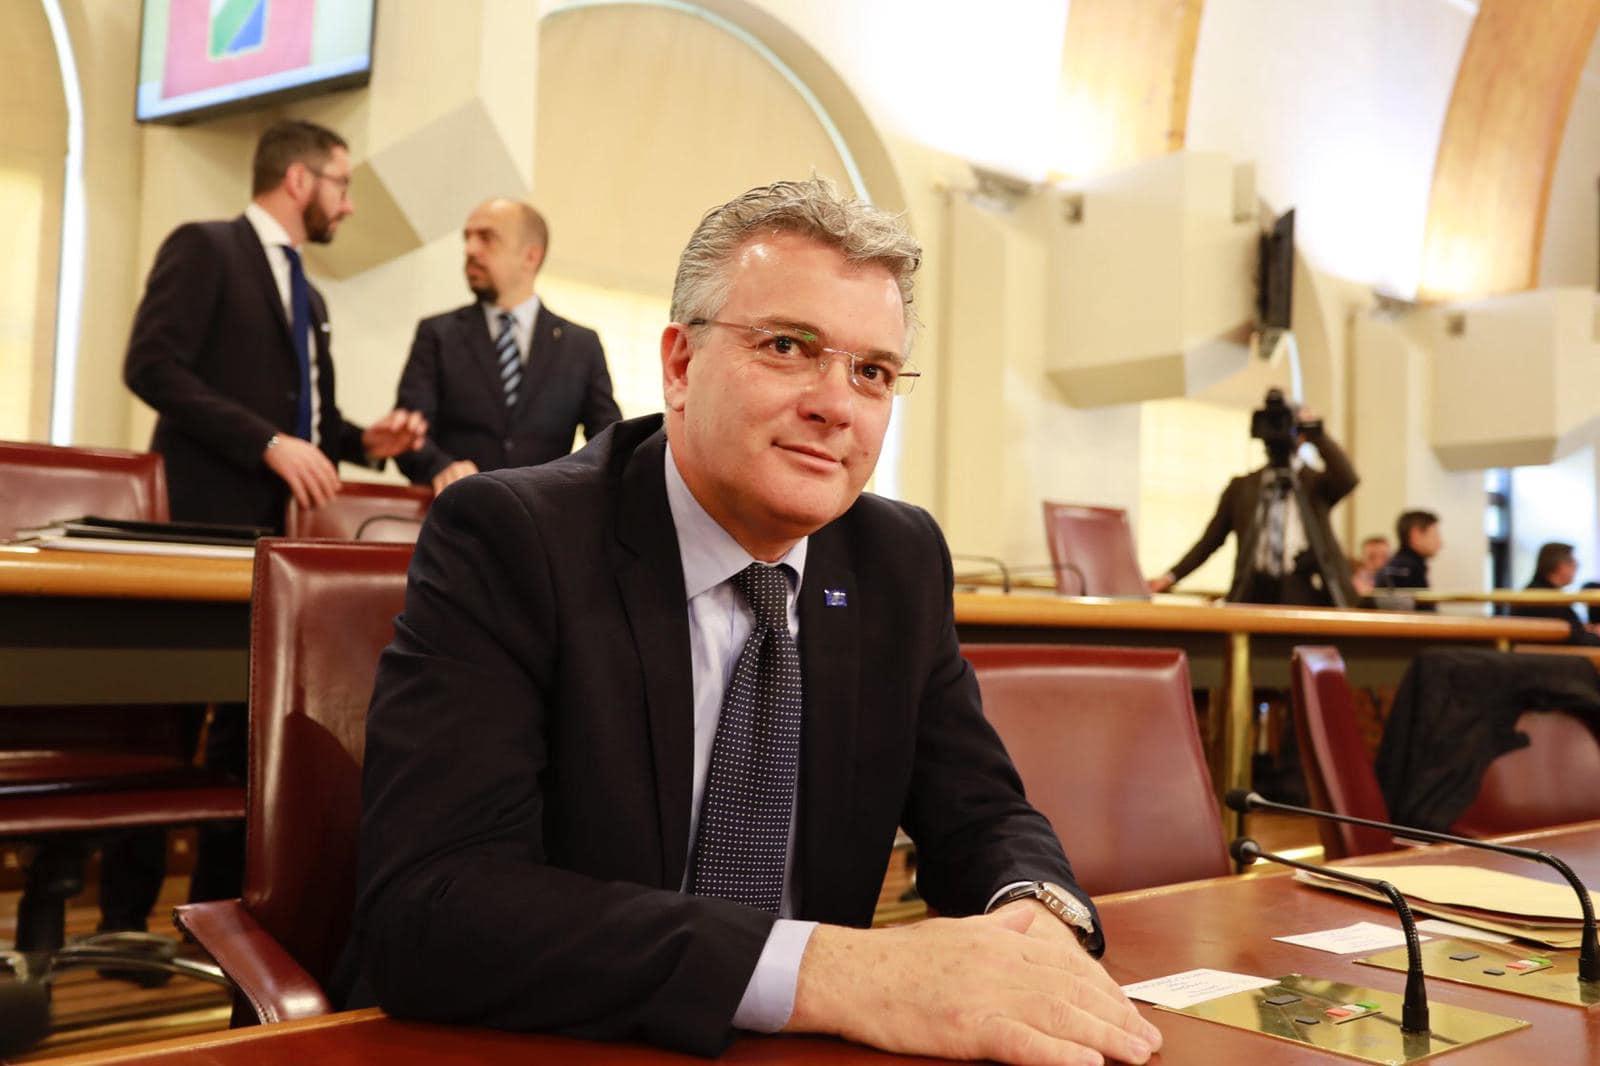 Pepe chiede tempi certi alla Verì sull'erogazione delle indennità 2021 al personale sanitario impegnato nell'emergenza Covid-19